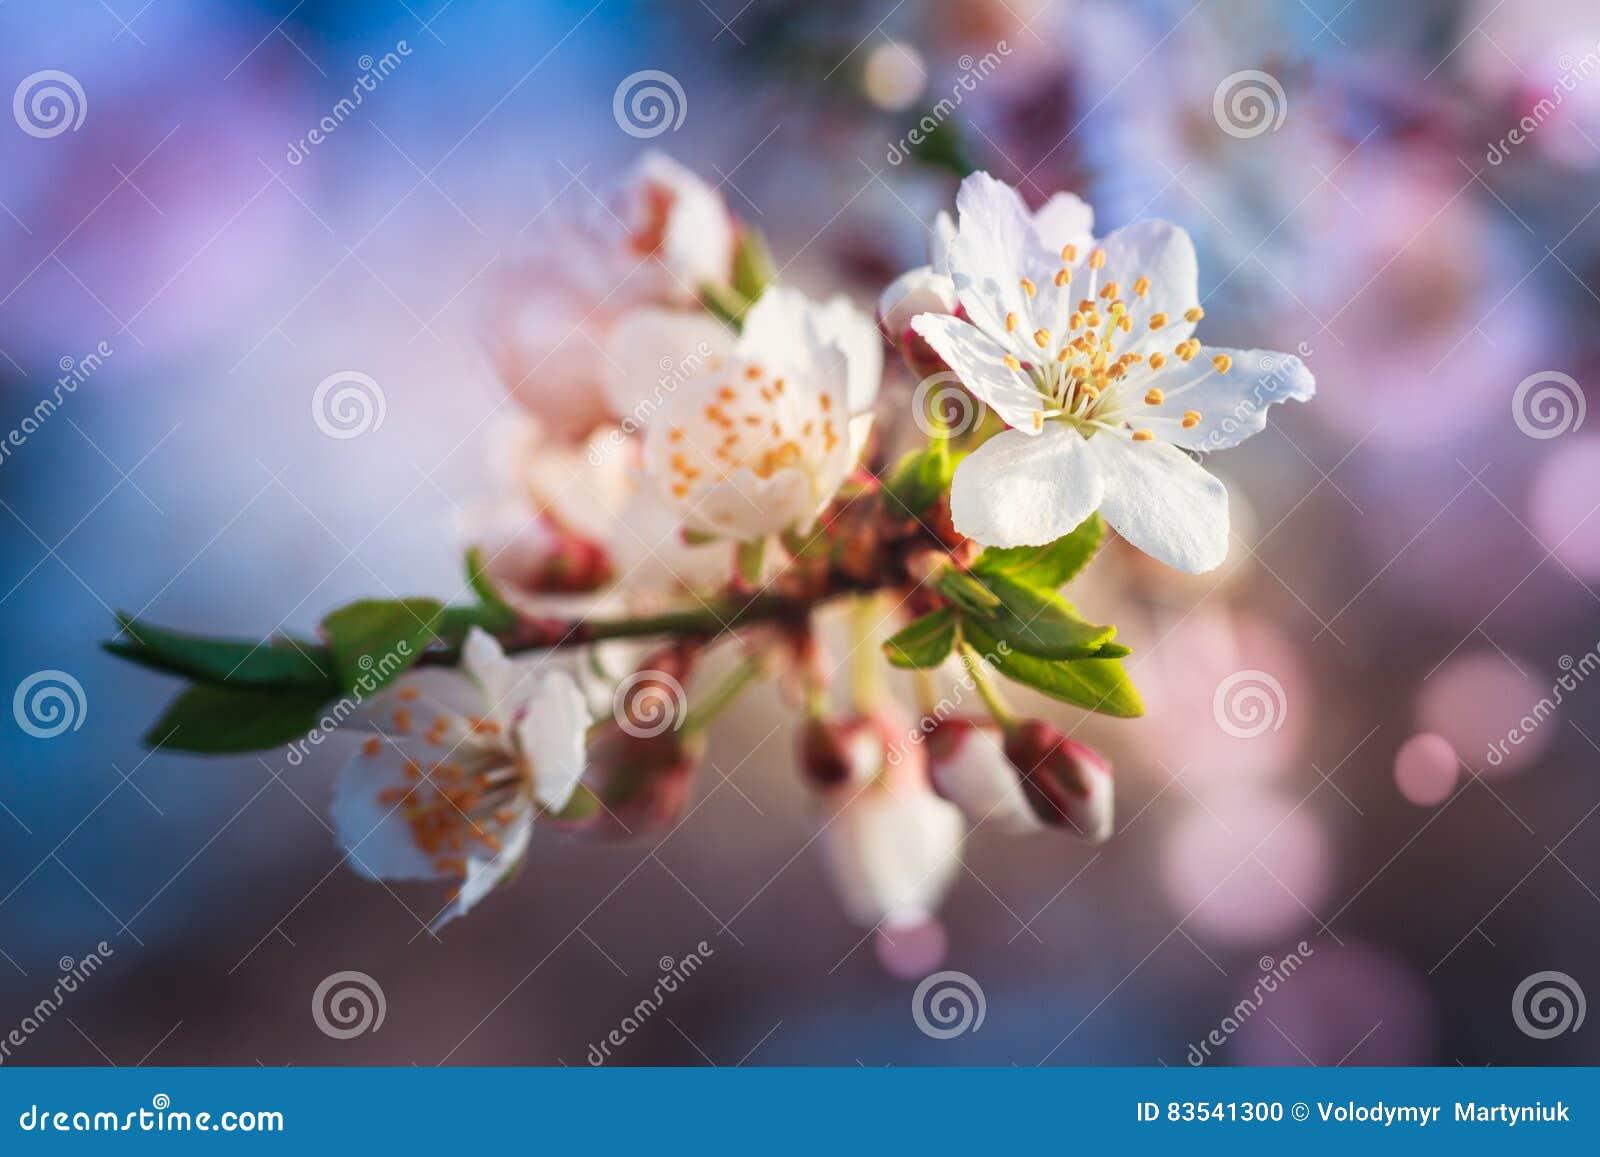 Het tot bloei komen van fruitboom tijdens de lente Meningsclose-up van tak met witte bloemen en knoppen in heldere kleuren